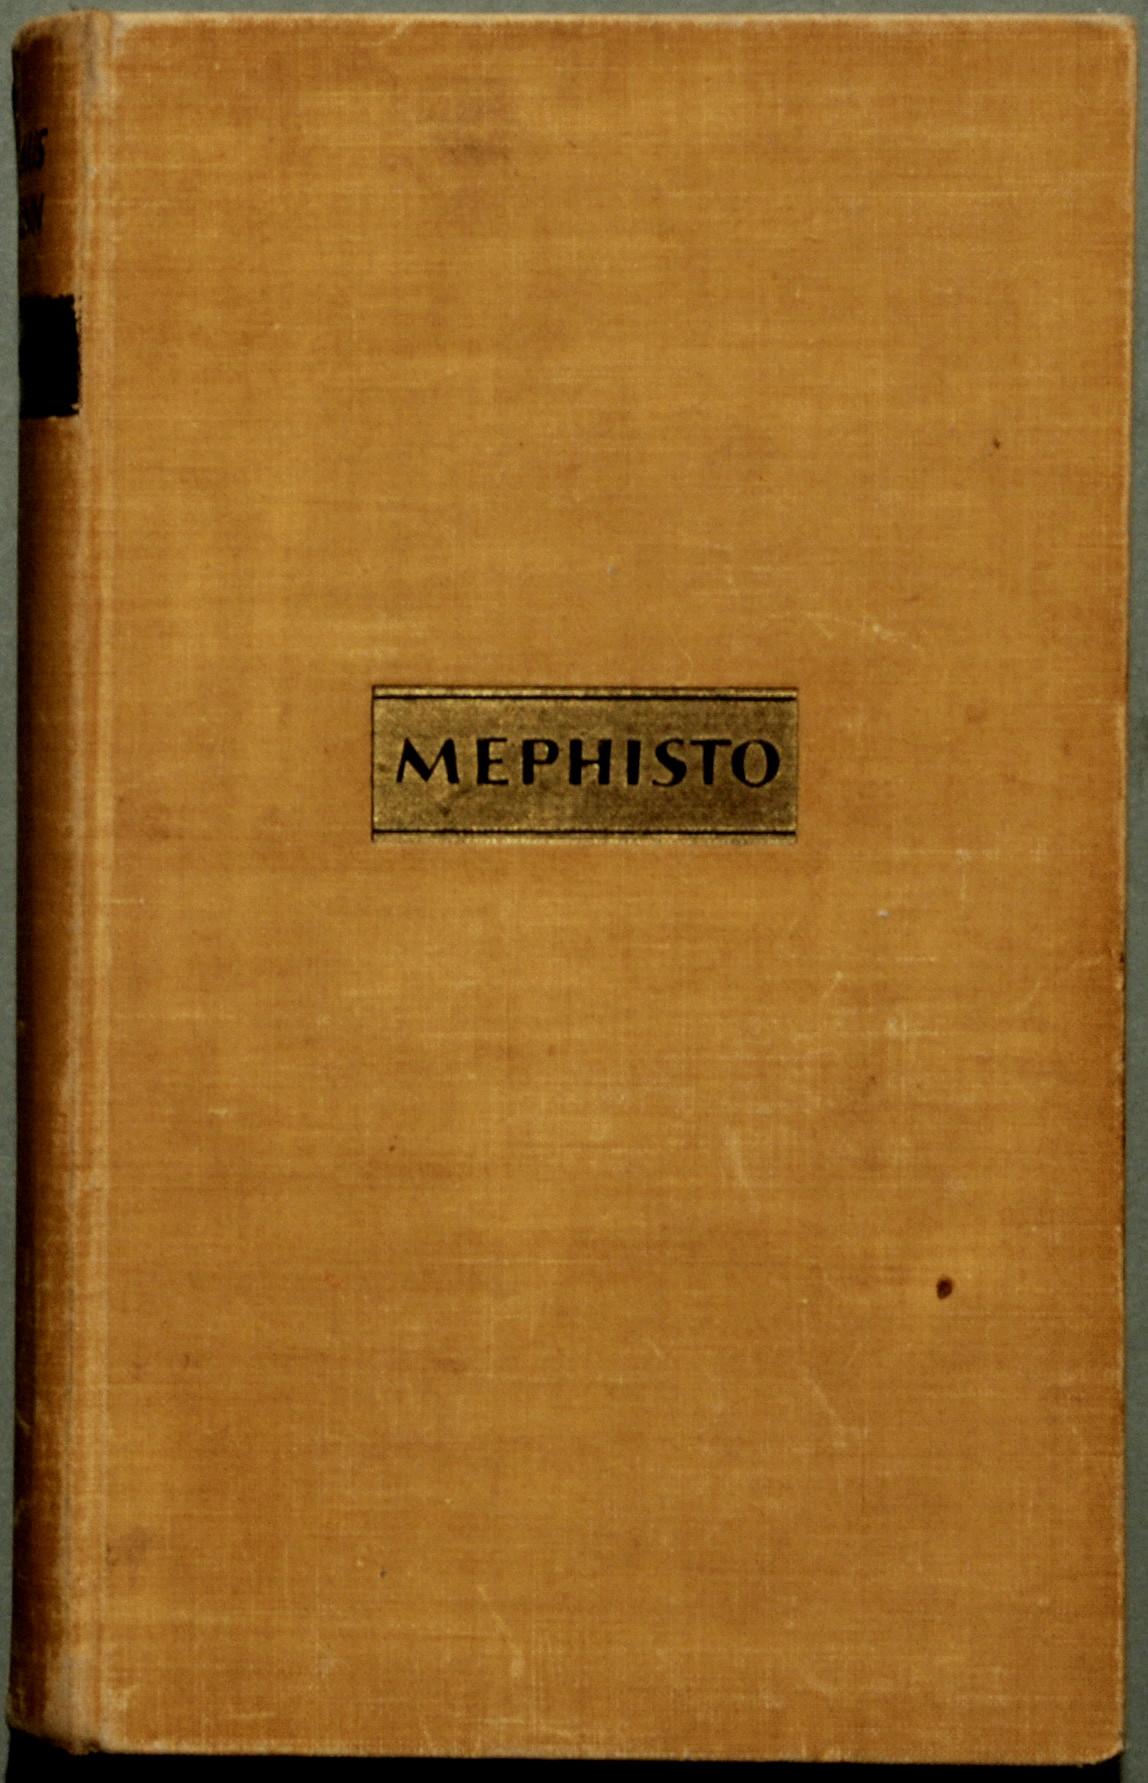 mephisto roman einer karriere essay